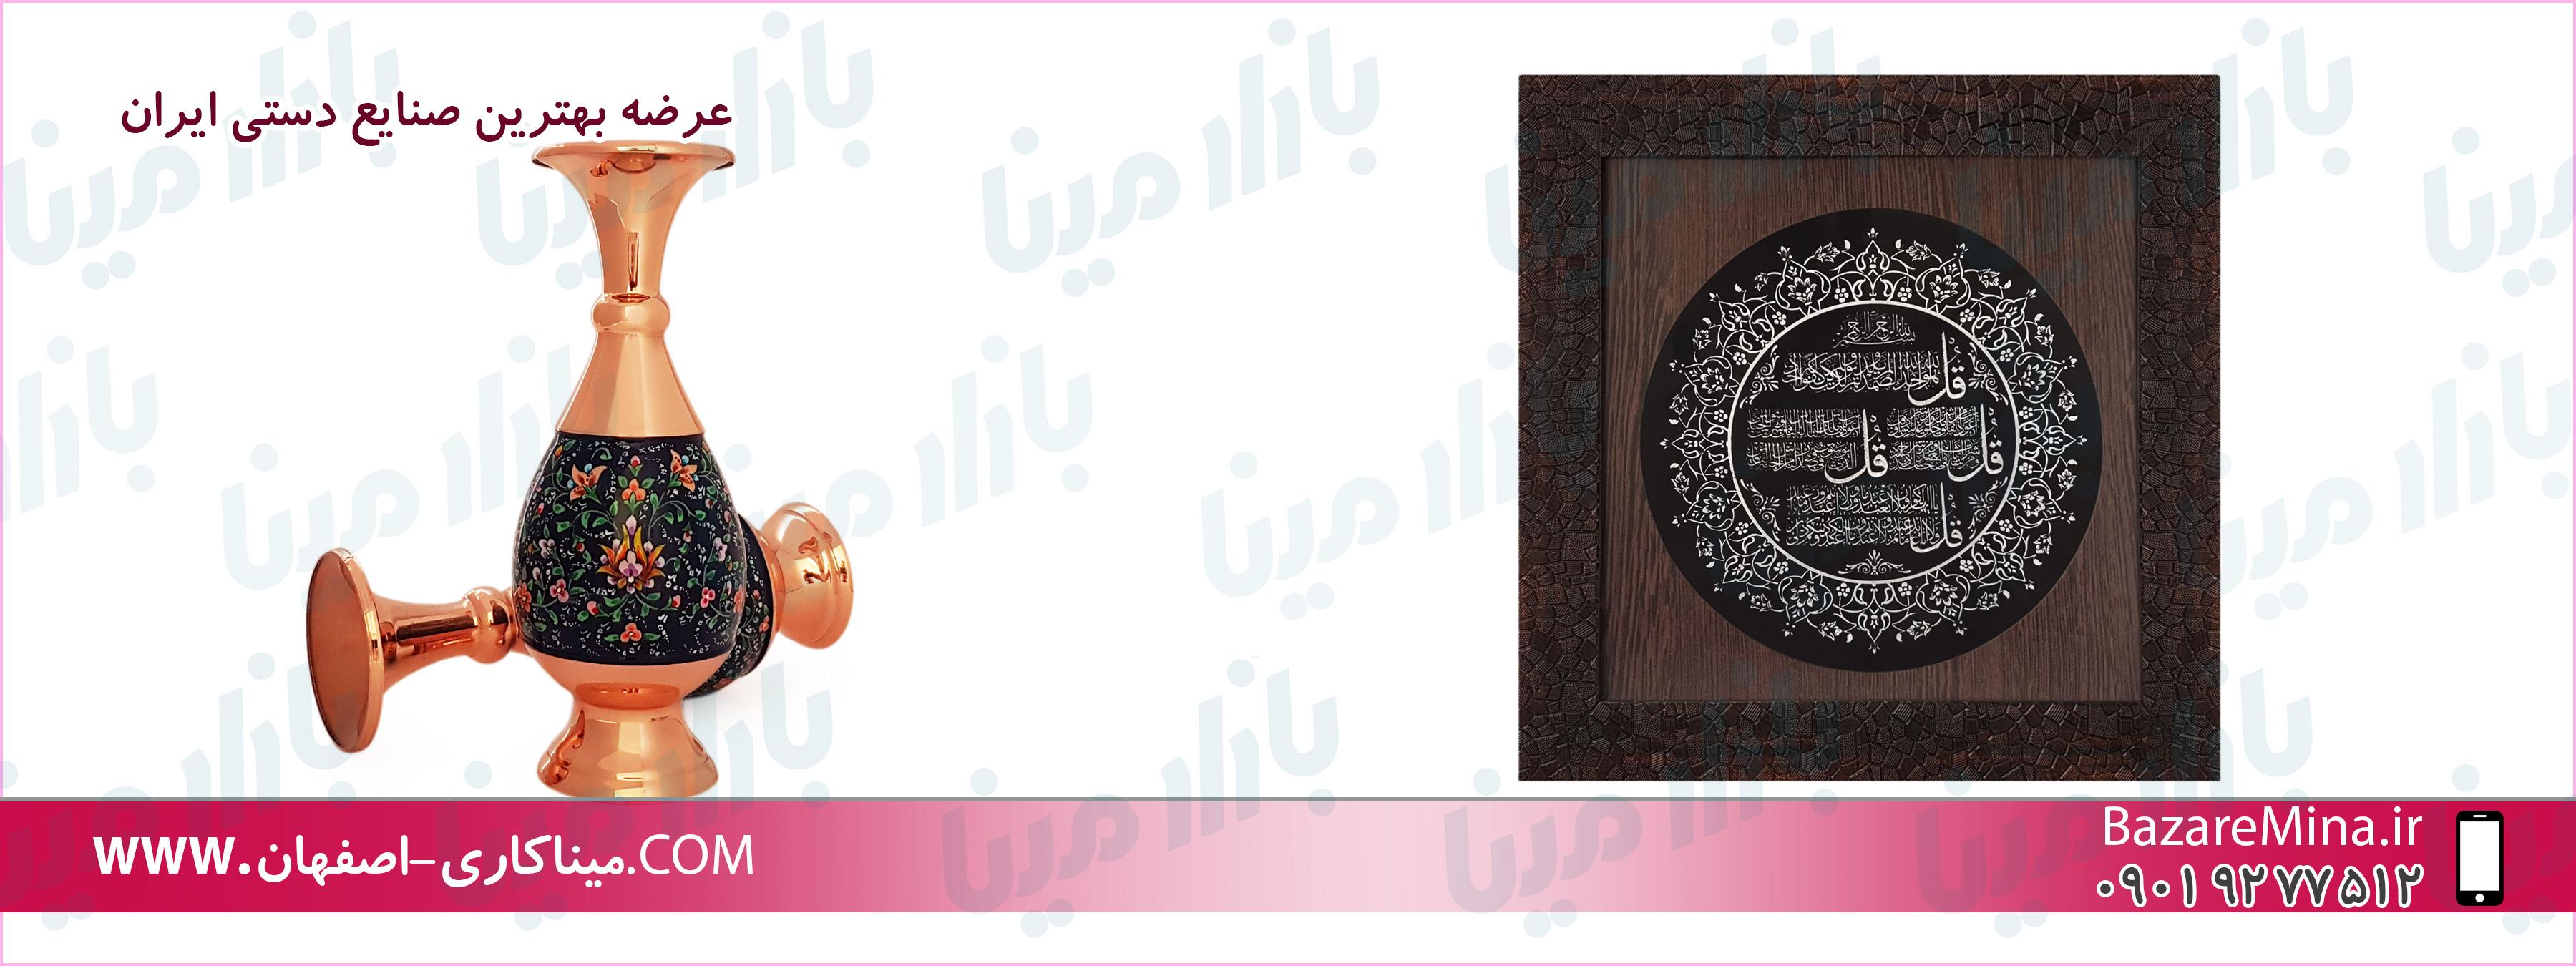 خرید اینترنتی میناکاری اصفهان